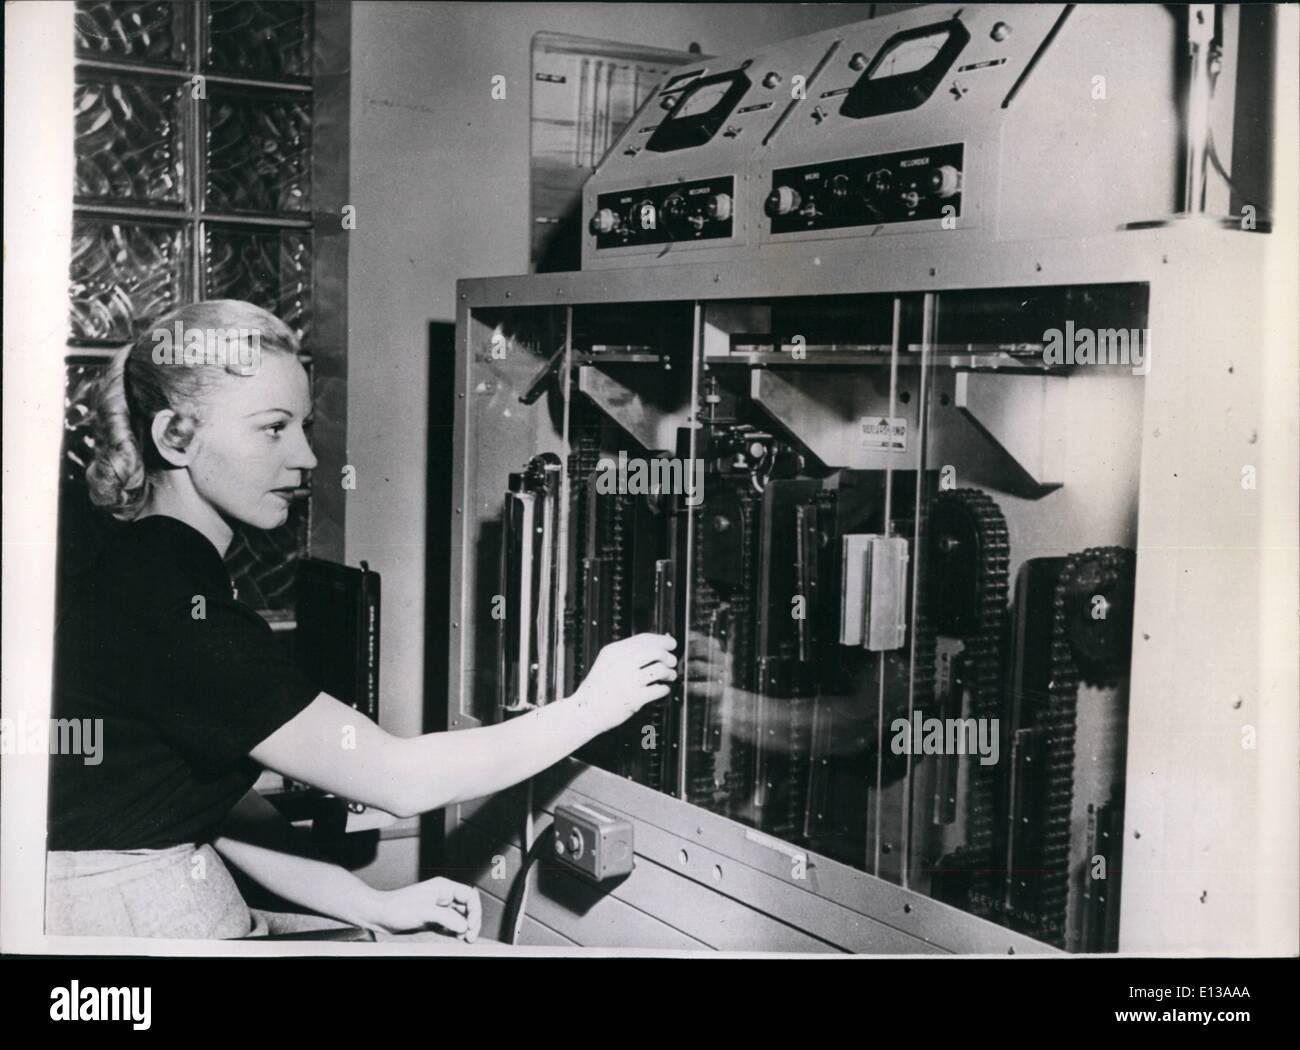 29. Februar 2012 - Sie sind immer im Gespräch '' mit '' Mechanicall'' neue Erfindung in New York im Einsatz. '' Mechanicall'' ist der Name einer Erfindung, die in New York - Dienst wurde unterbrochen und die sollte beweisen, Ärzte, vor allem für Geschäftsleute - von unschätzbarem Wert sein. Die Maschine hält 60 Audio-Folien, die für alle Zuhörer mechanische Abonnenten aufrufen einen Luft-Anruf-Receiver tragen, der 7 Czs wiegt. und ist 6 Zoll hoch - und kann bequem in der Tasche getragen werden. Wenn ein Abonnent ist Reisen - etc. Stockbild